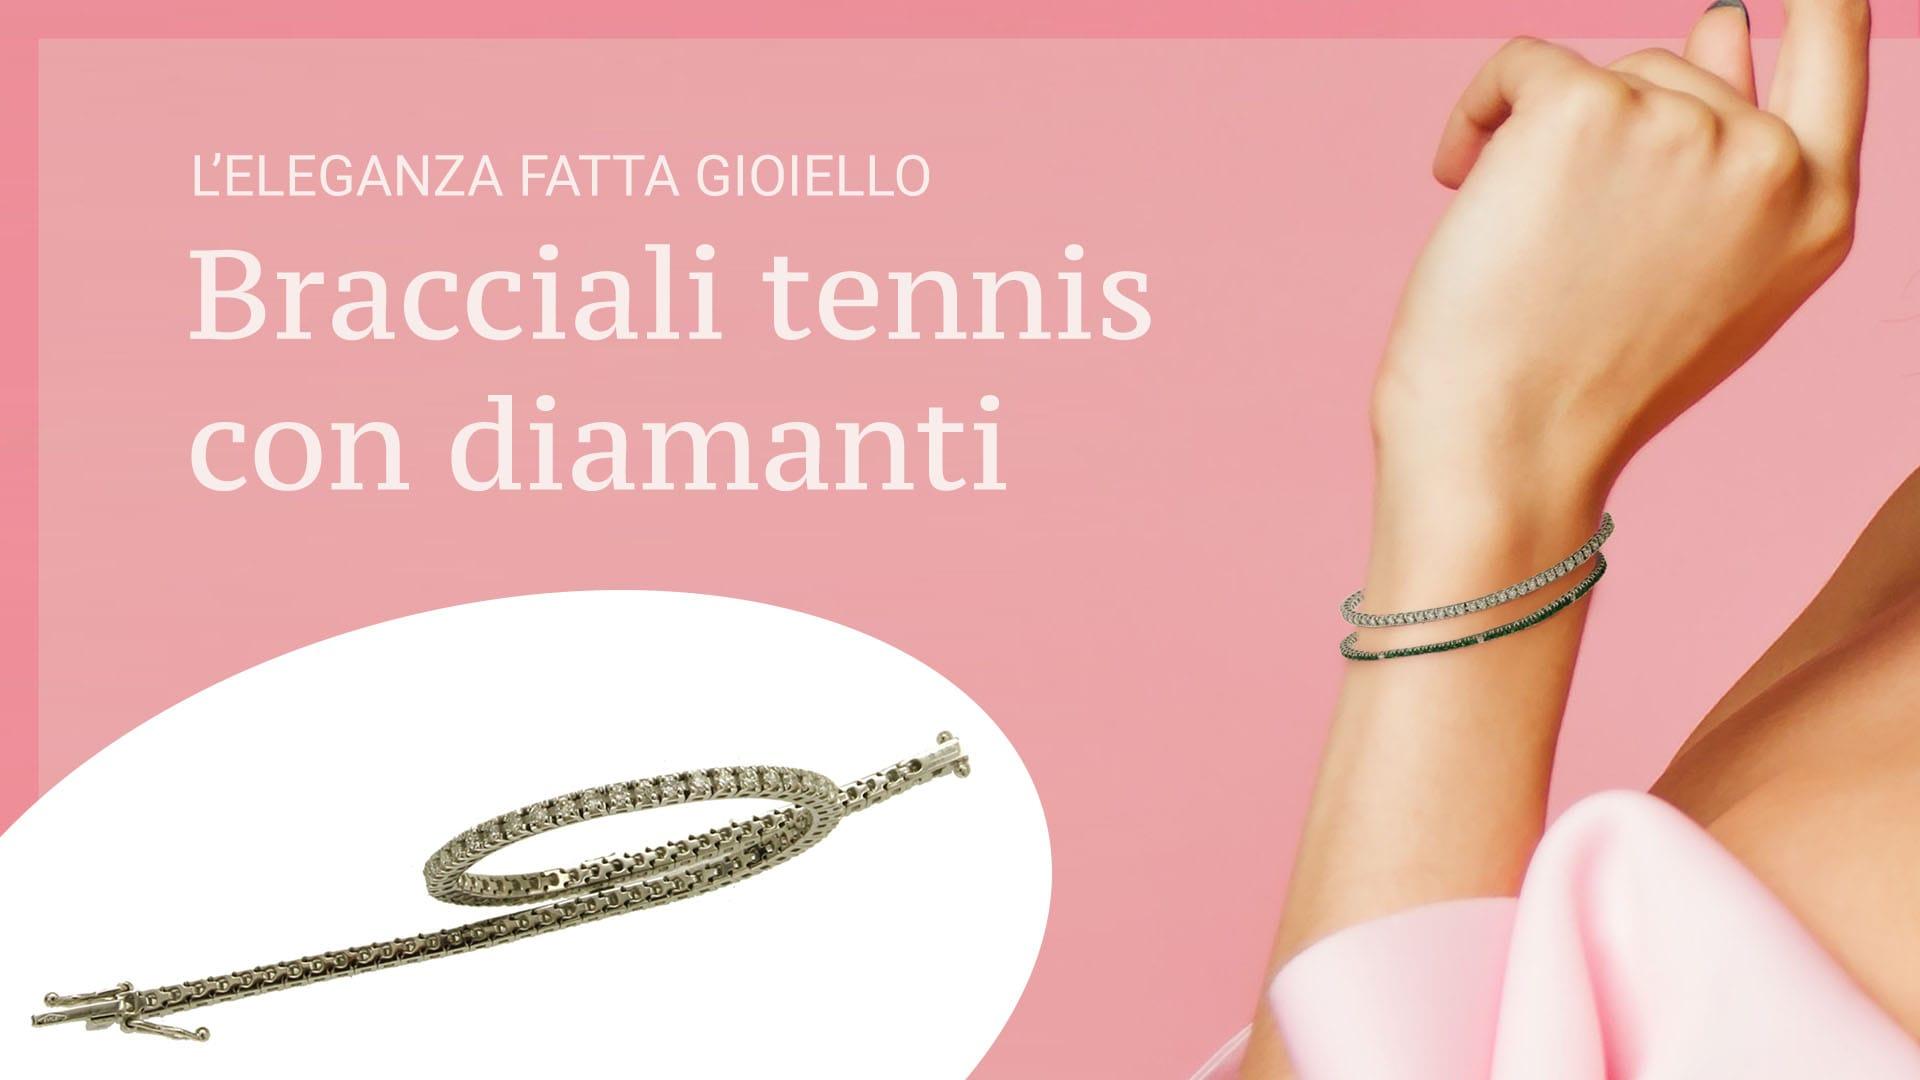 Bracciali tennis con diamanti - l'eleganza fatta gioiello